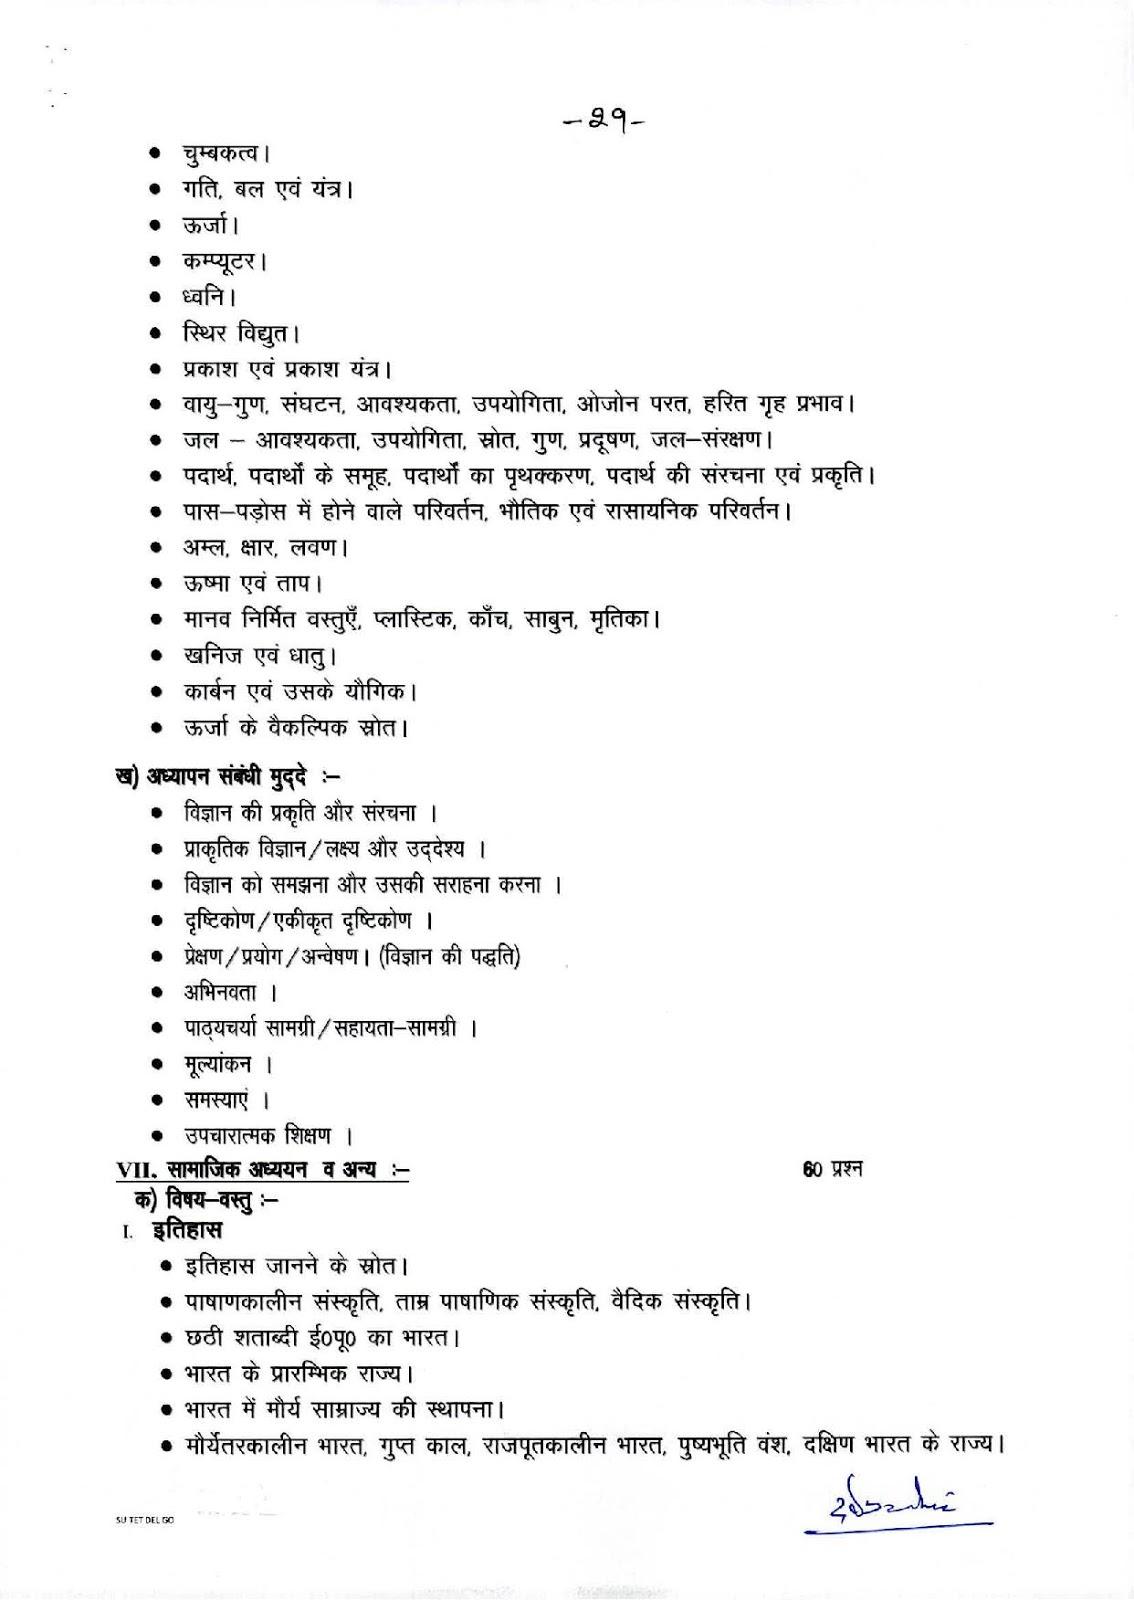 उच्च प्राथमिक पेपर-II (कक्षा 6 से 8 तक) पाठ्यक्रम देखे -6